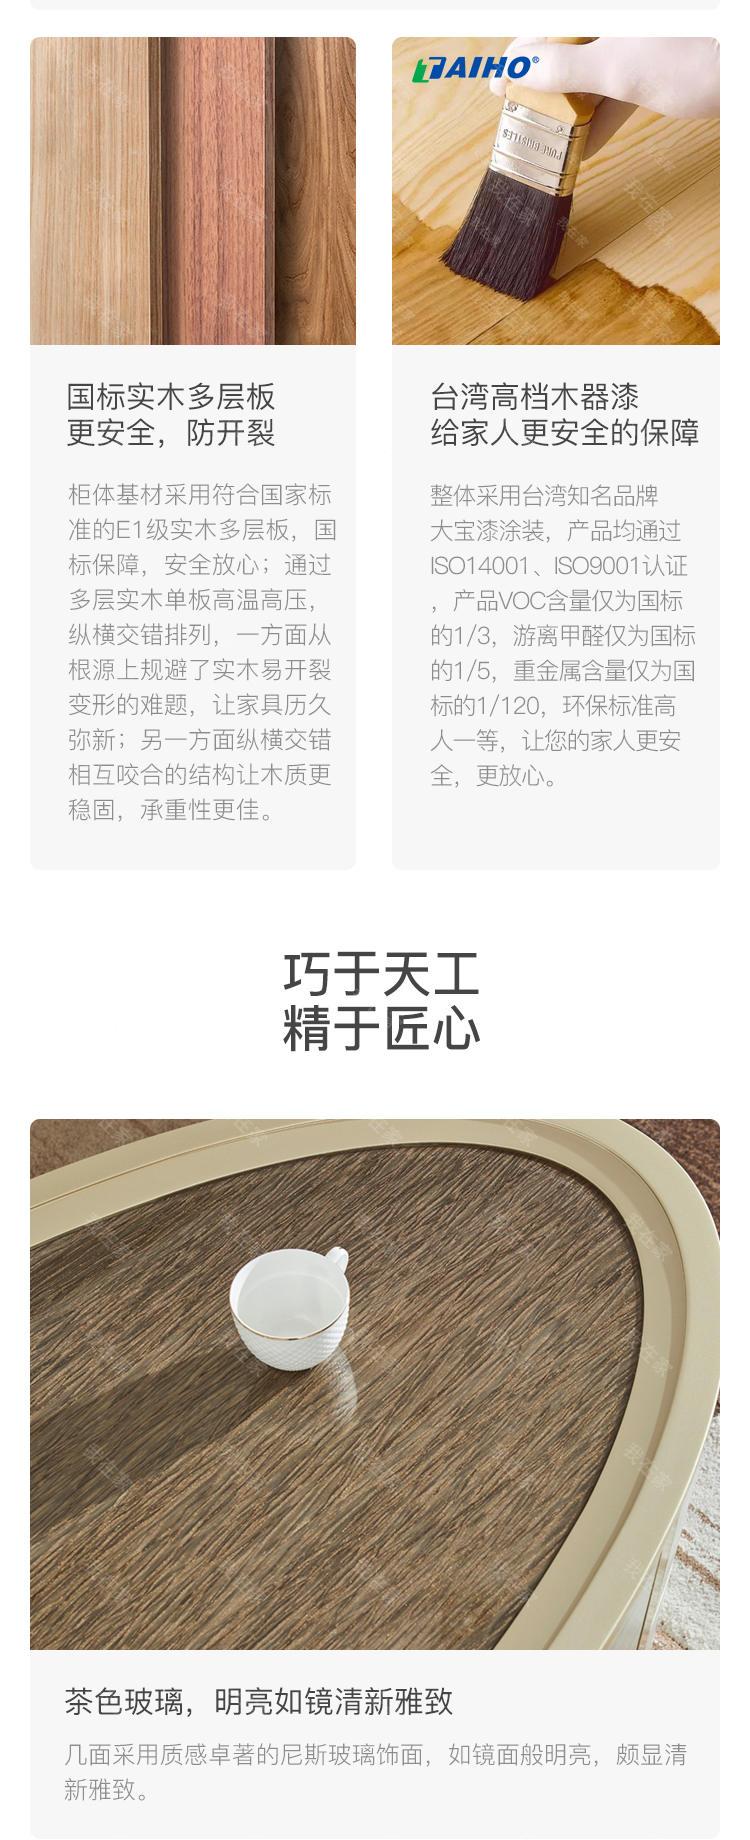 轻奢美式风格塔菲茶几的家具详细介绍